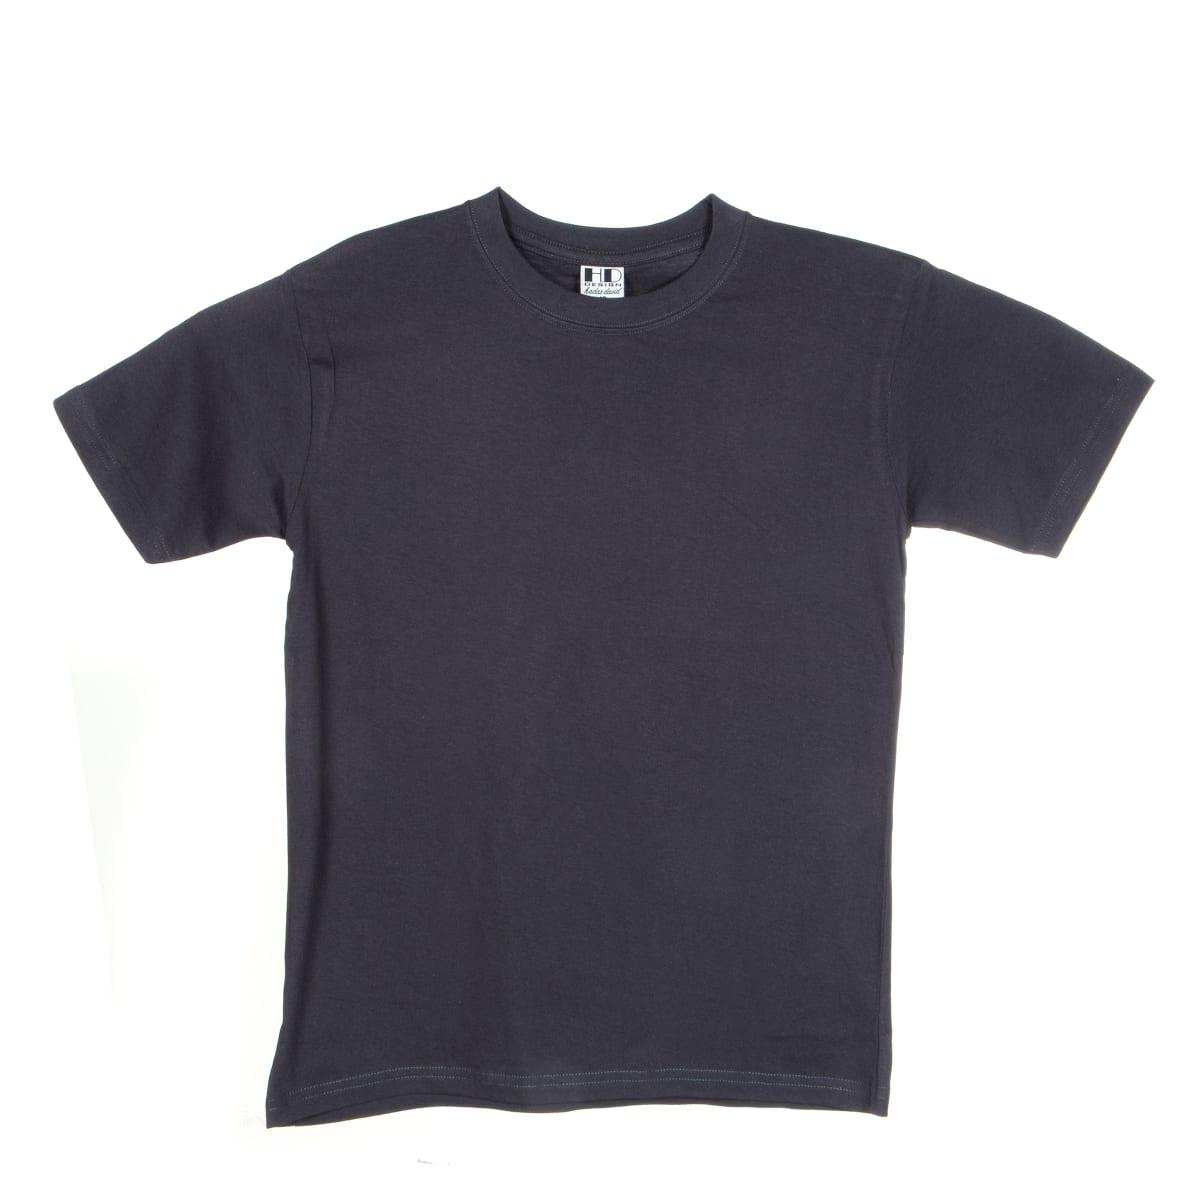 הדפסה על חולצה | חולצת כותנה | חולצות כותנה | חולצת כותנה שחורה